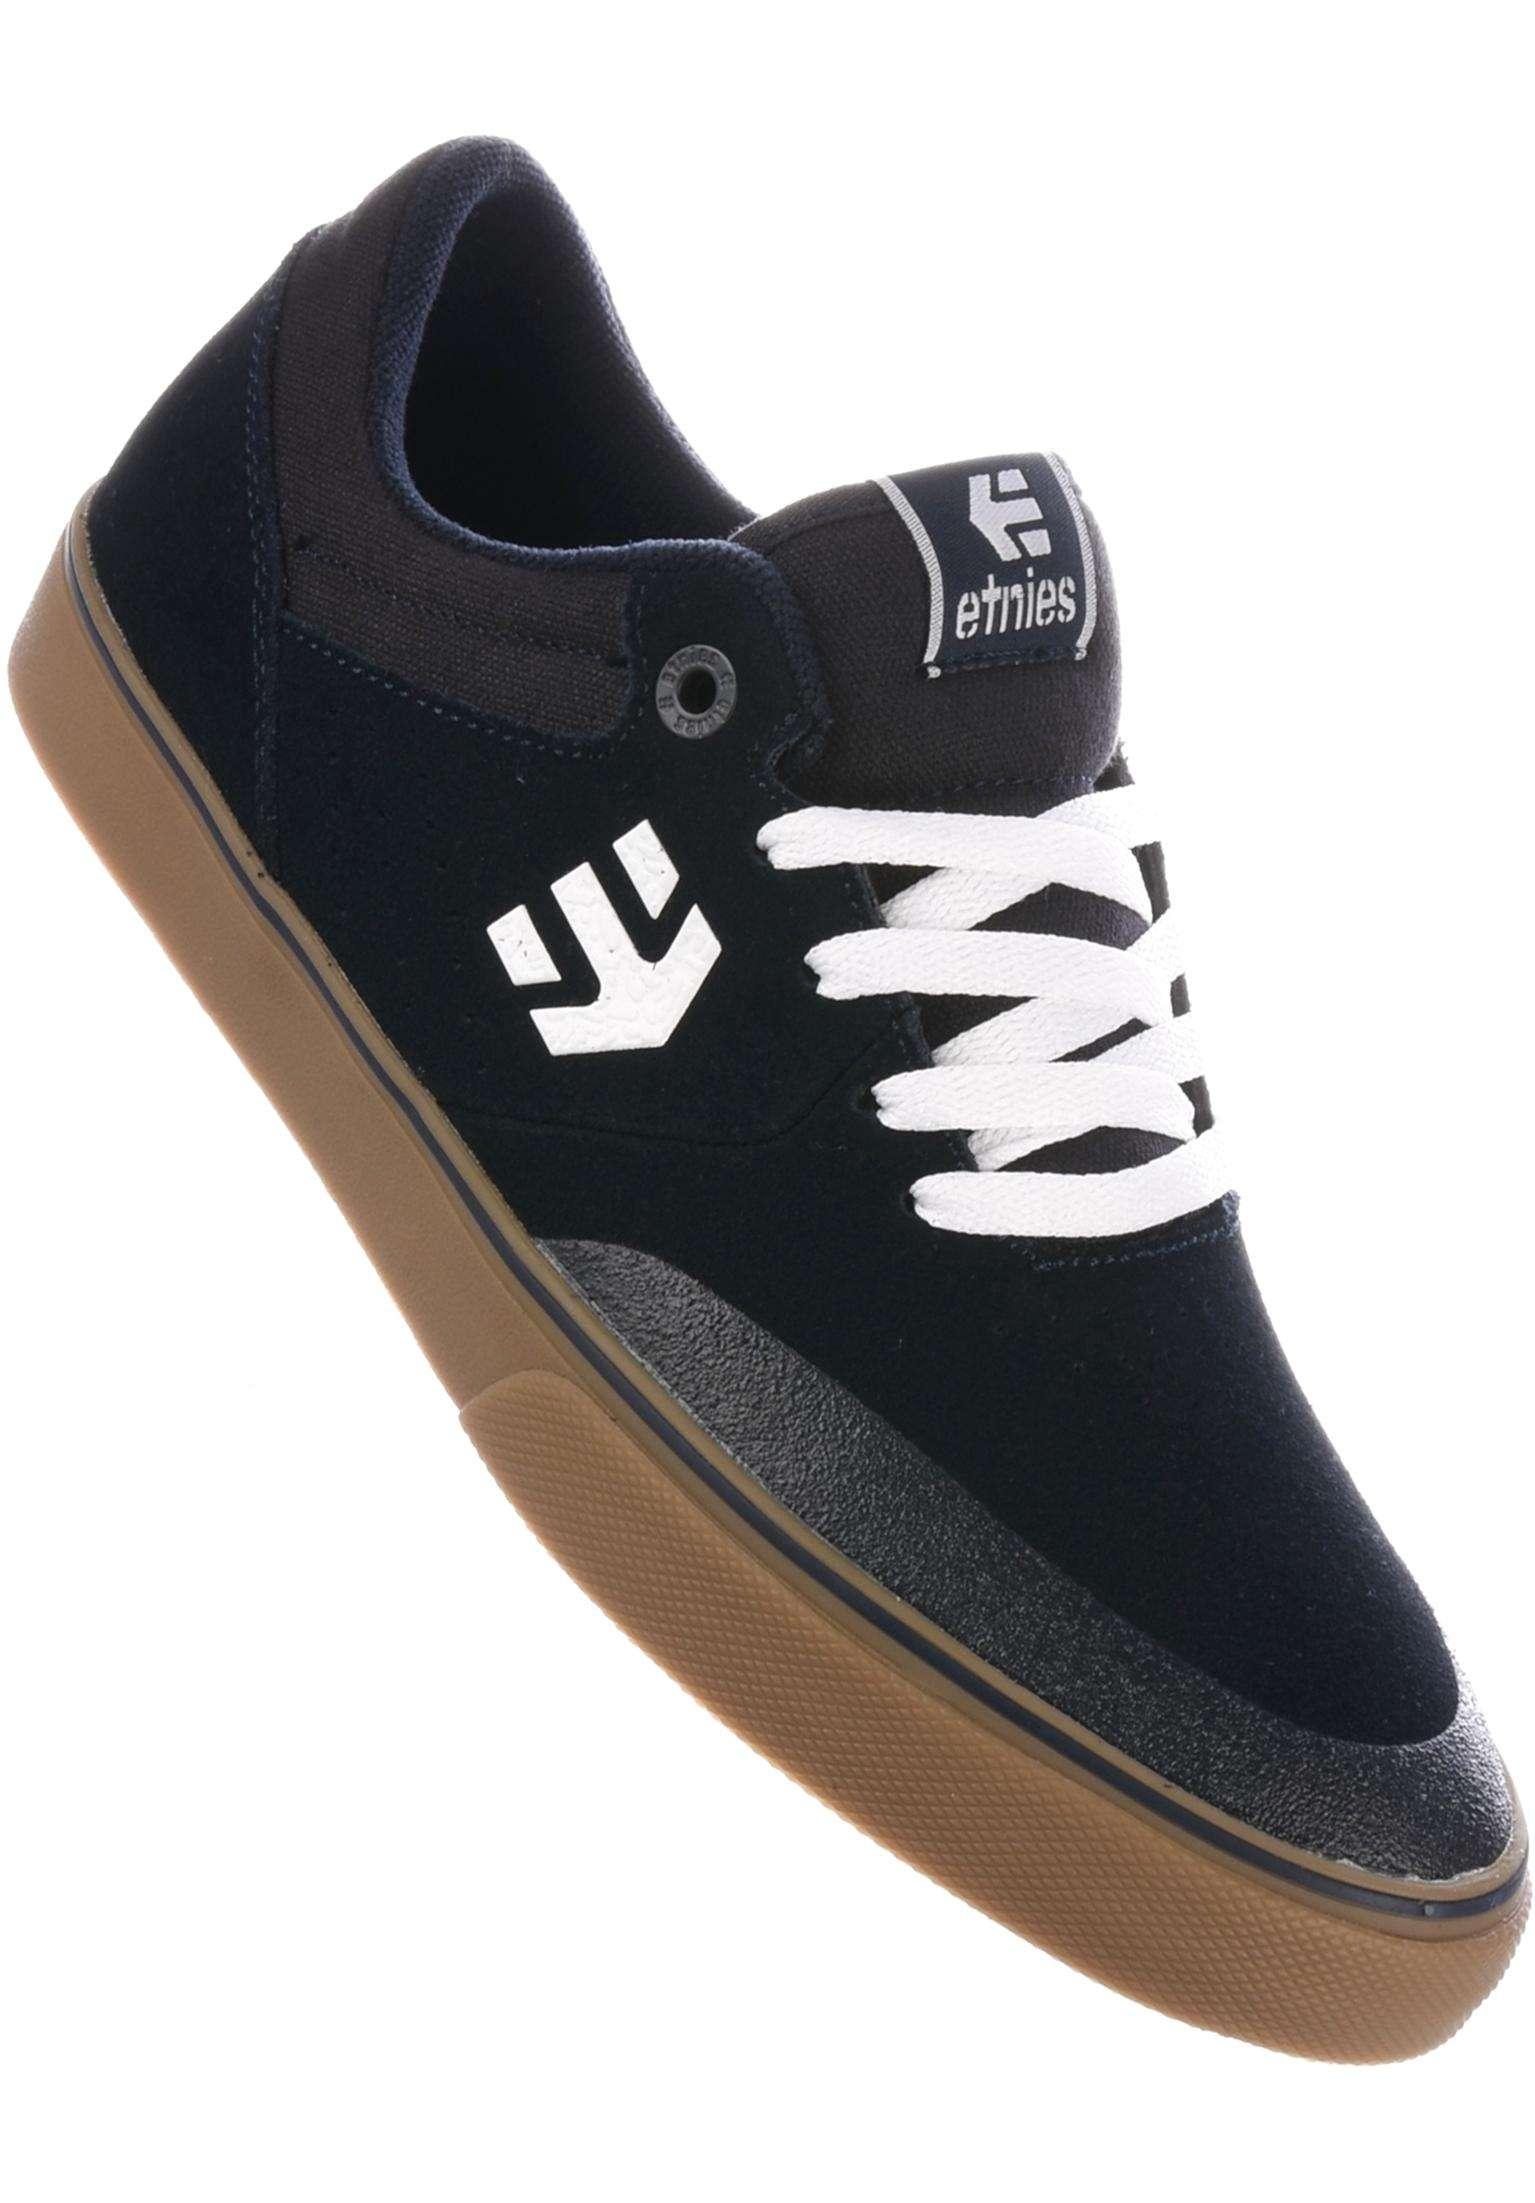 dd6676e145c354 Marana Vulc etnies All Shoes in navy-white-gum for Men